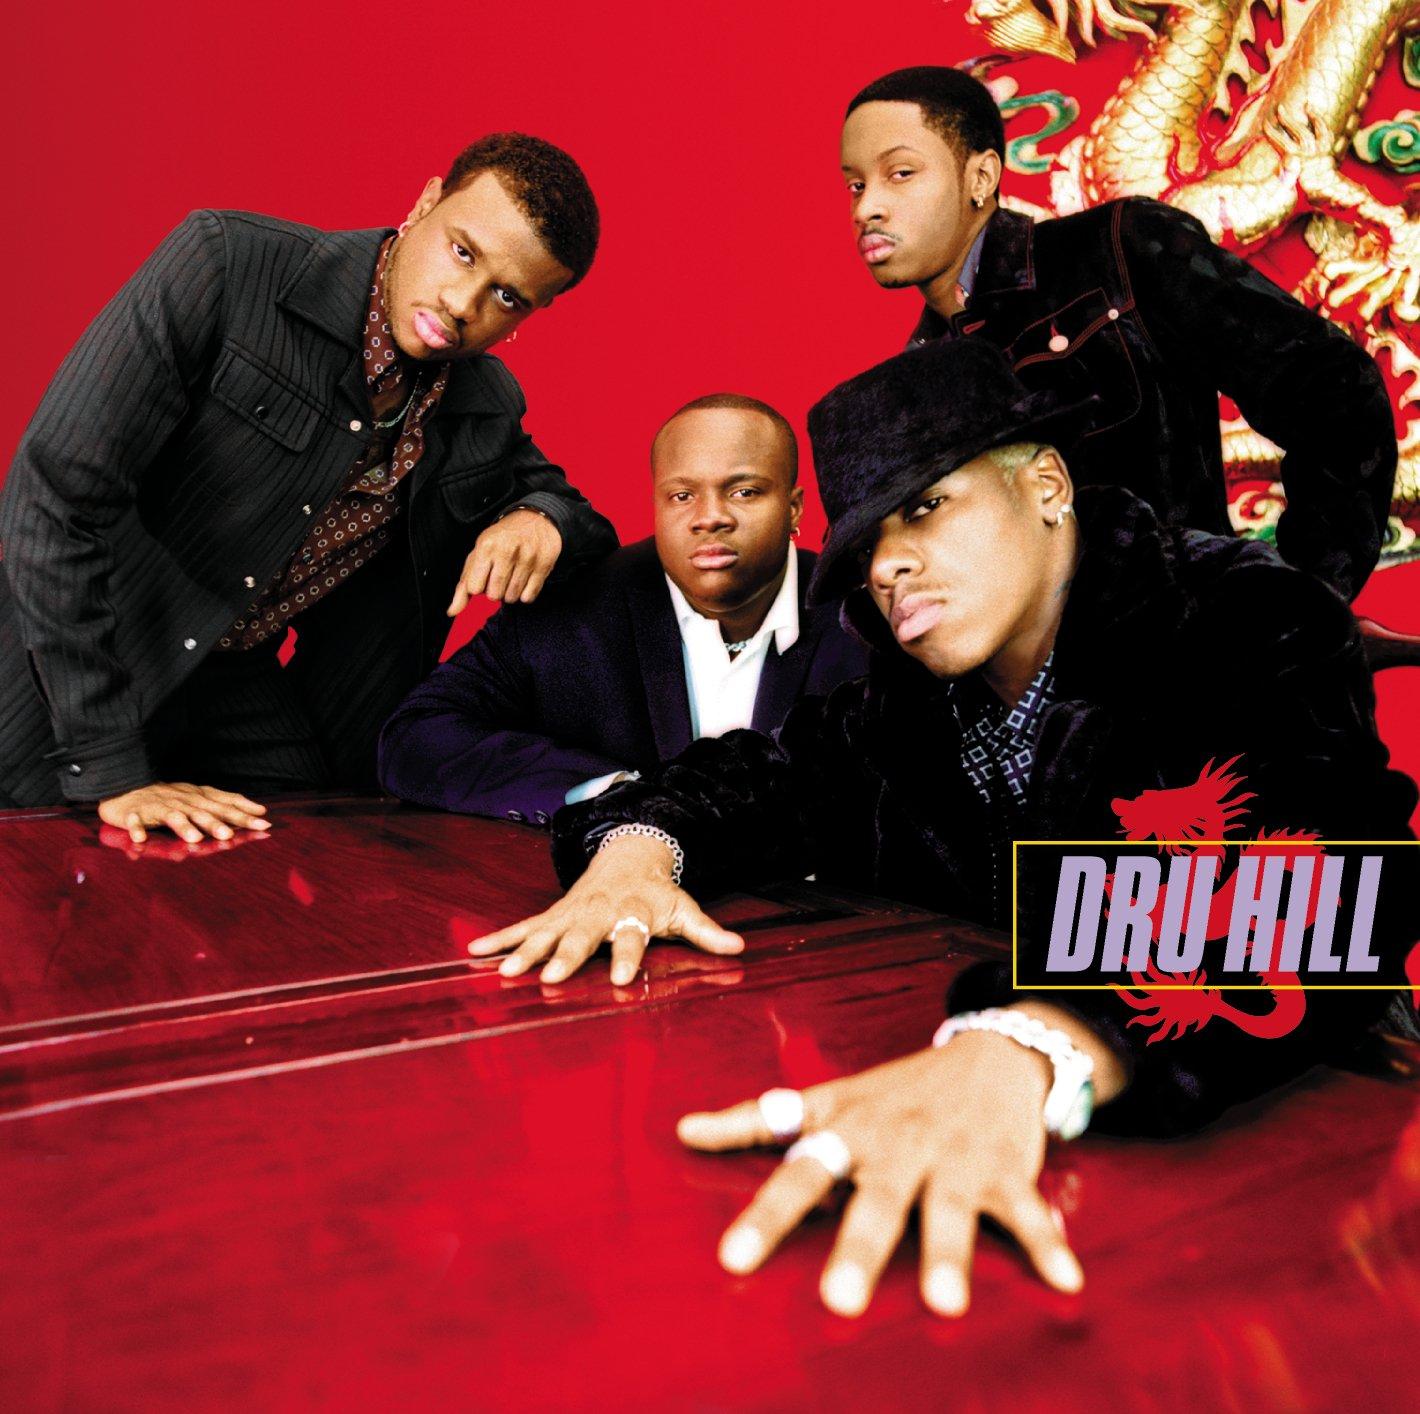 Dru Hill – Dru Hill (1996) [FLAC]